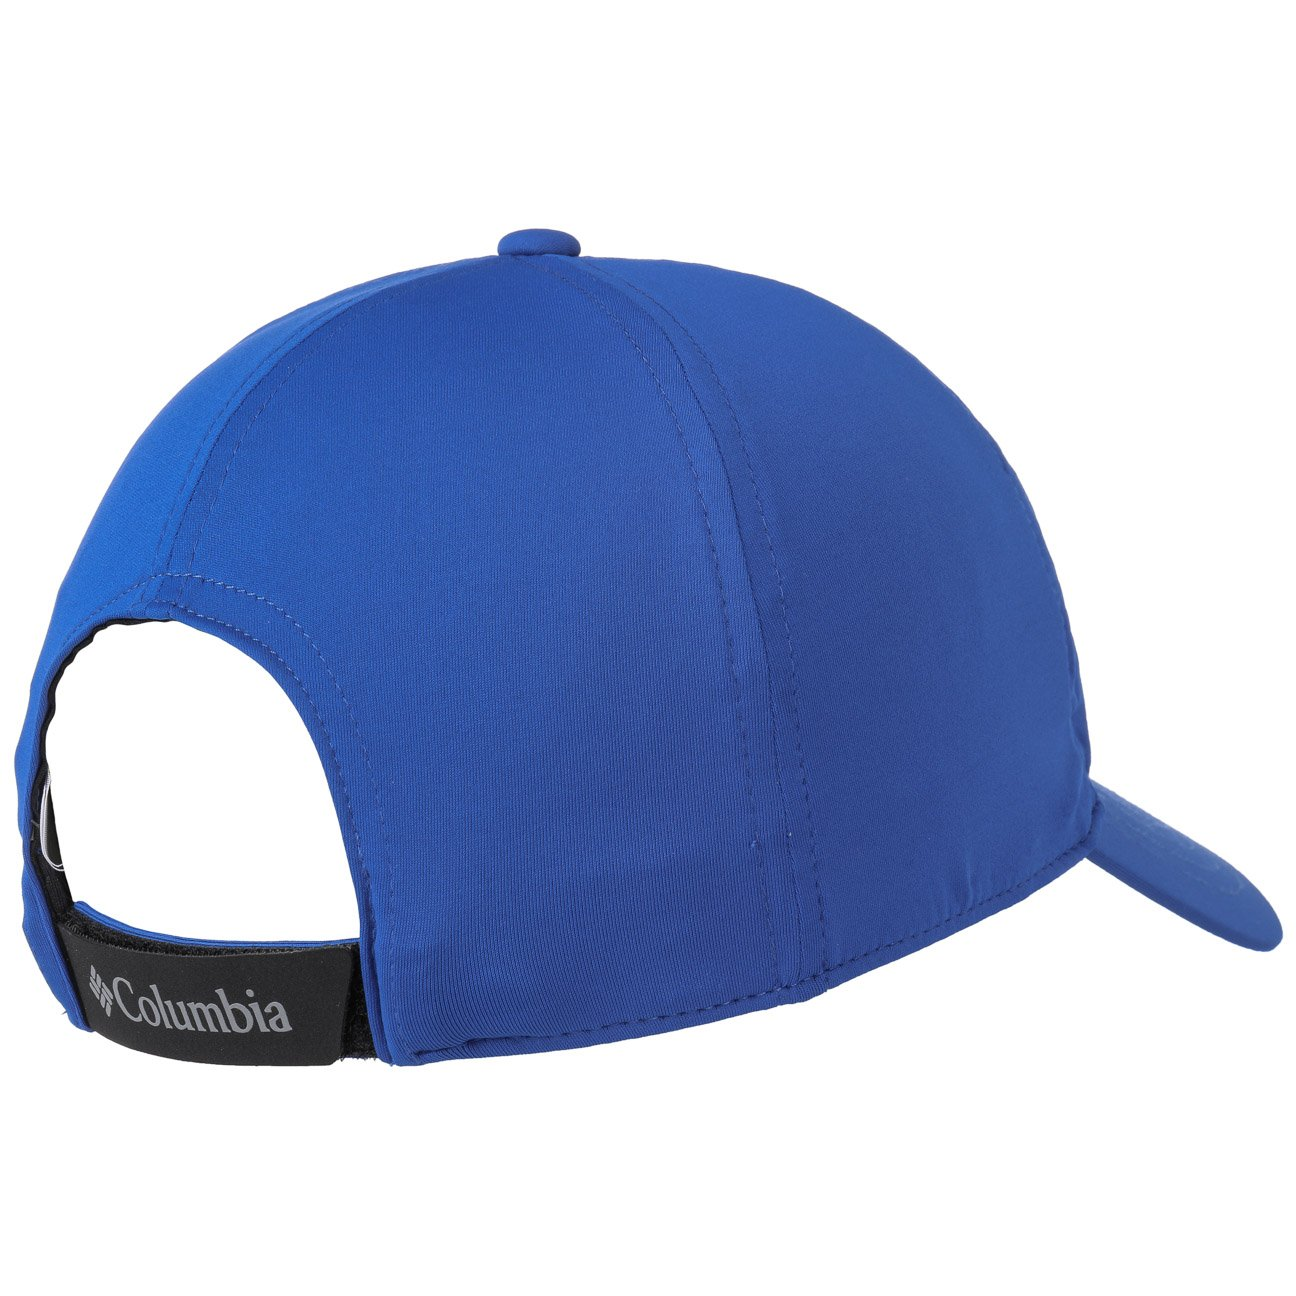 Gorra Coolhead Strapback by Columbia gorragorra de beisbol (talla única - azul): Amazon.es: Ropa y accesorios